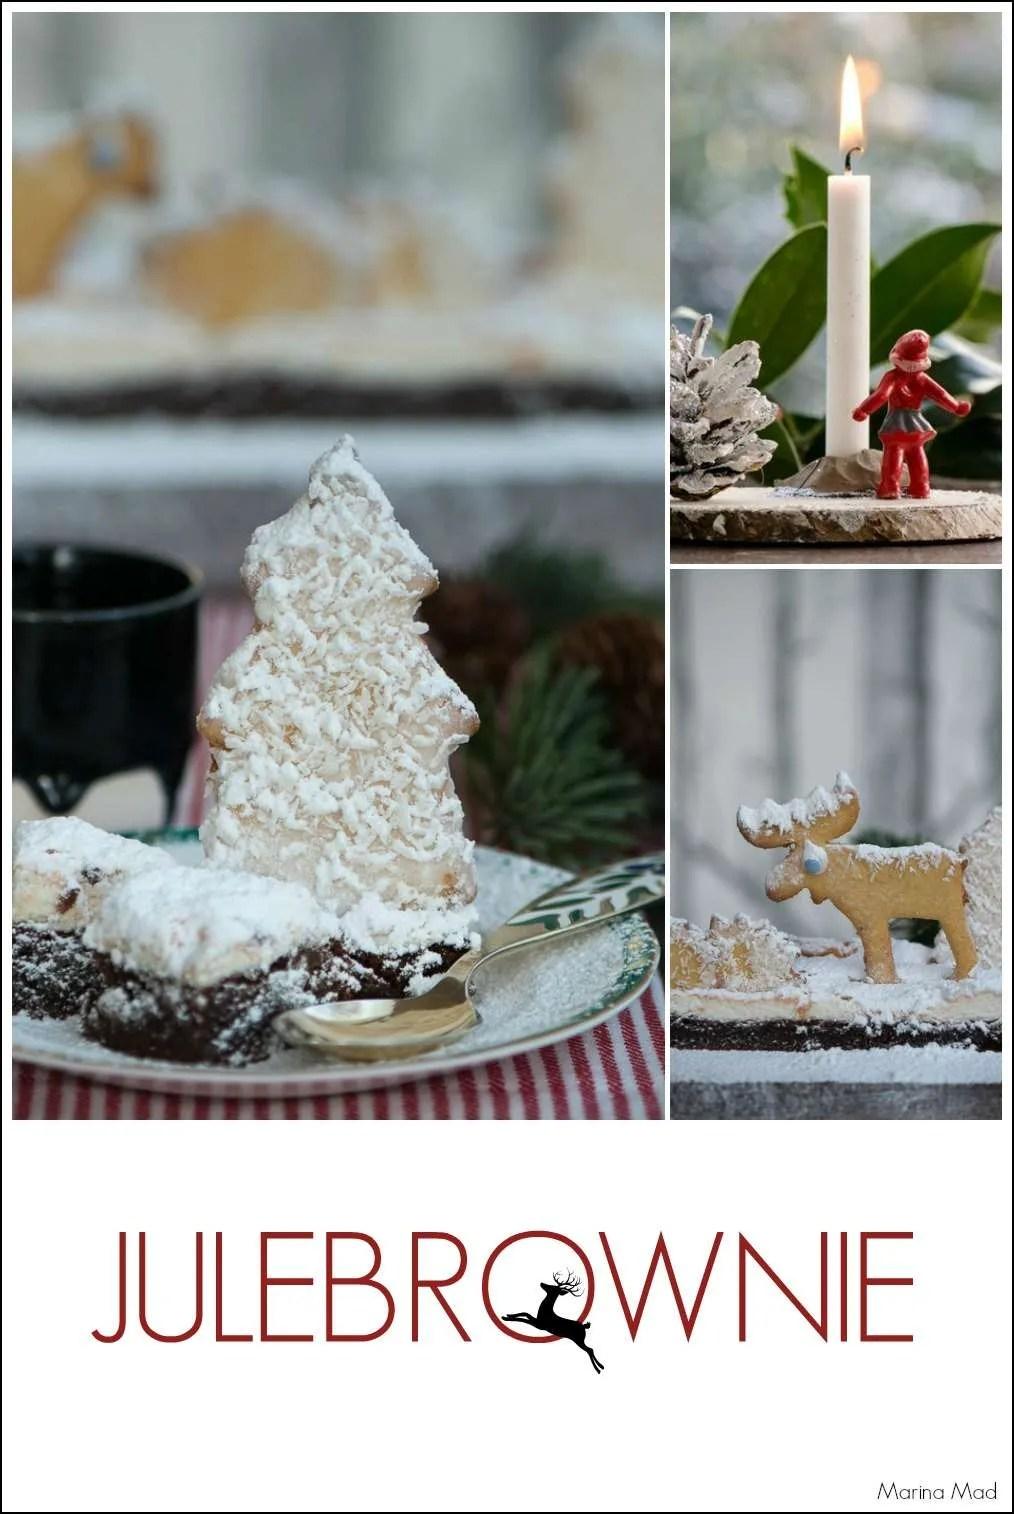 Julepyntet brownie